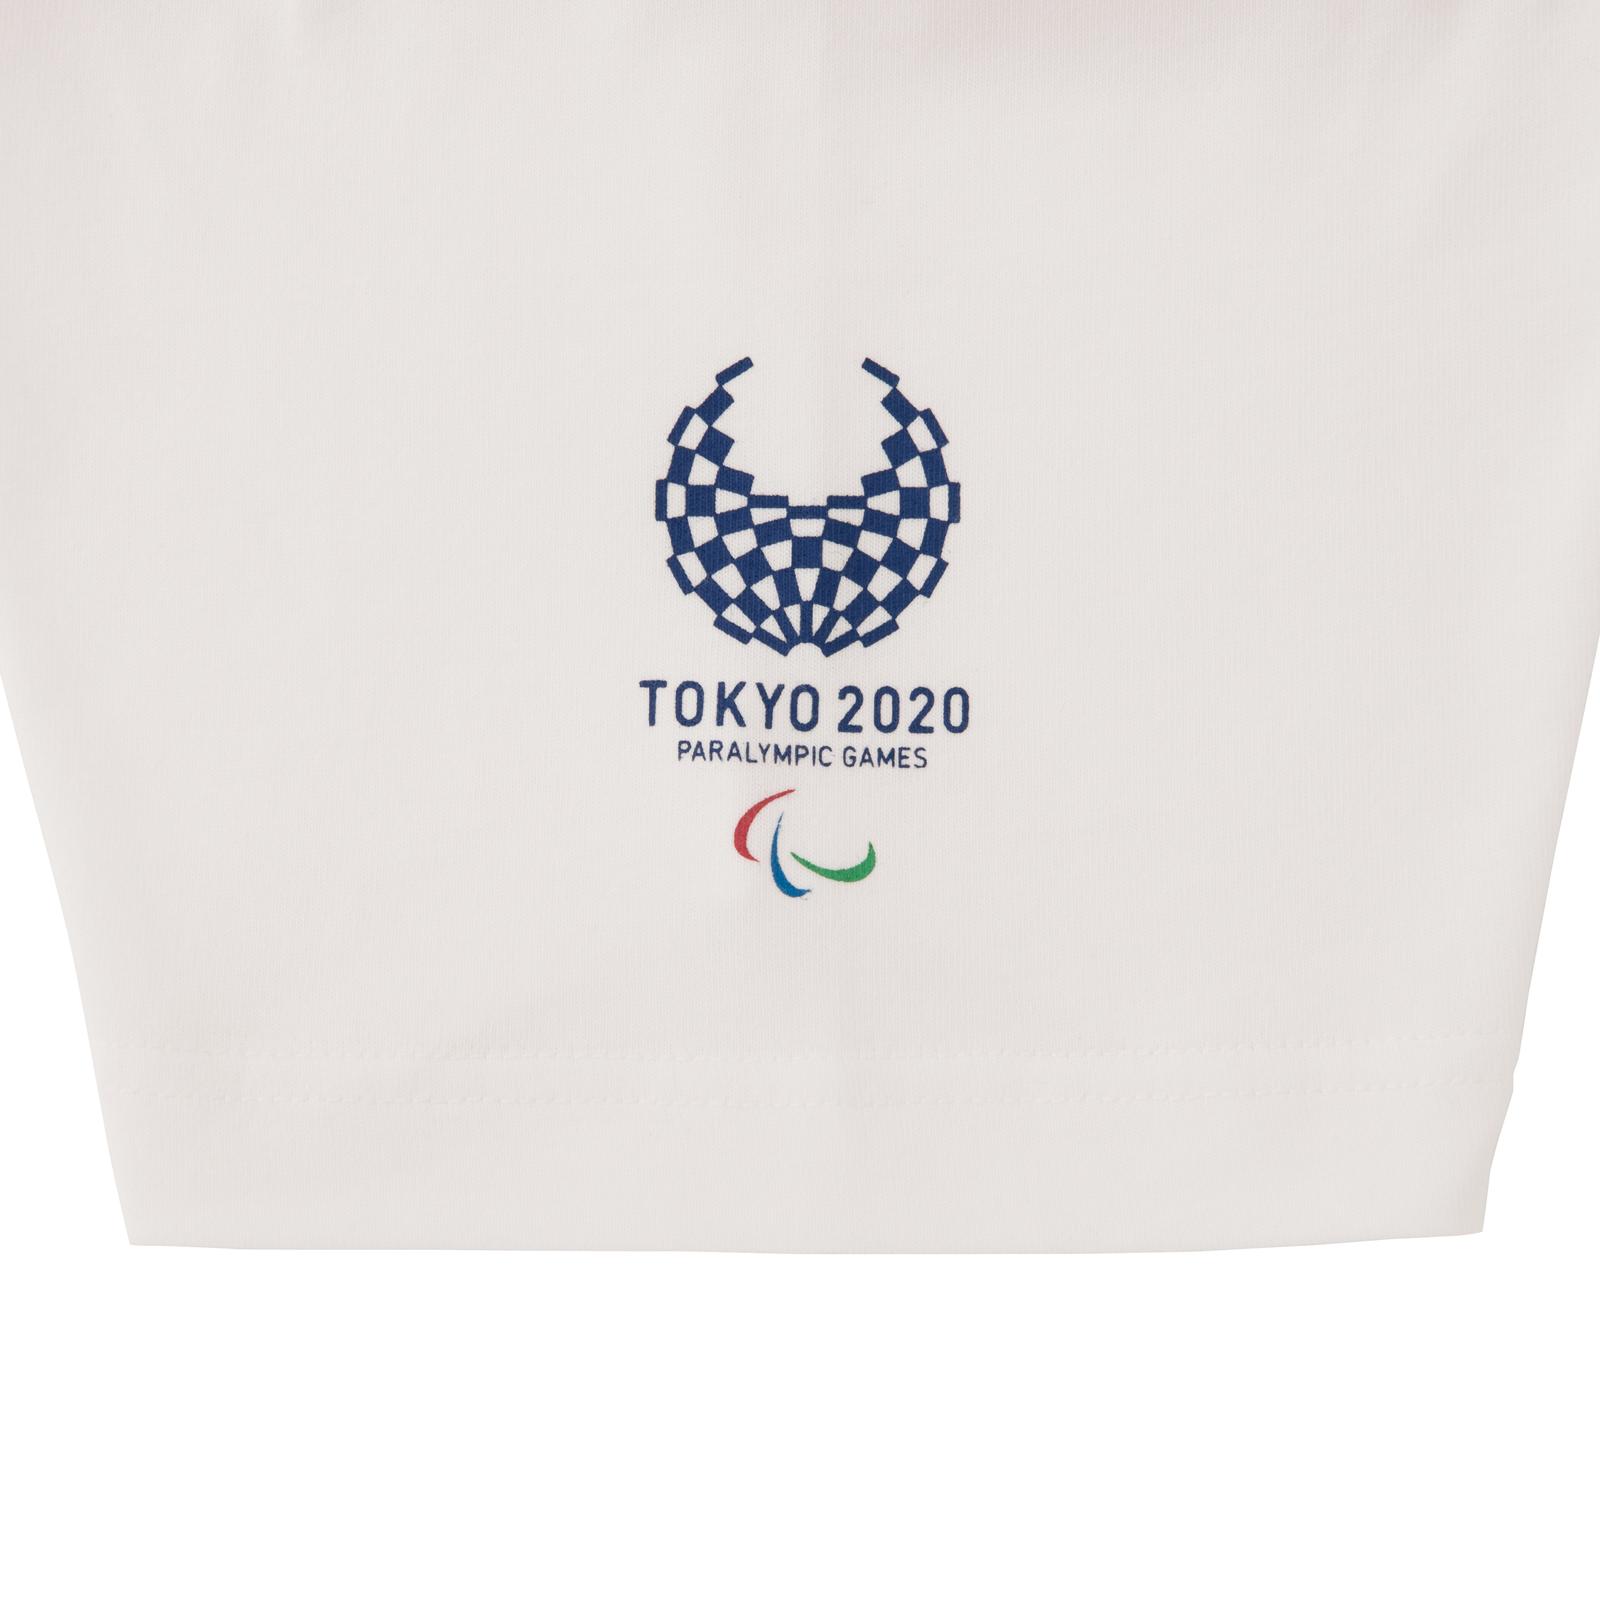 Tシャツボッチャ(東京2020パラリンピックスポーツピクトグラム)